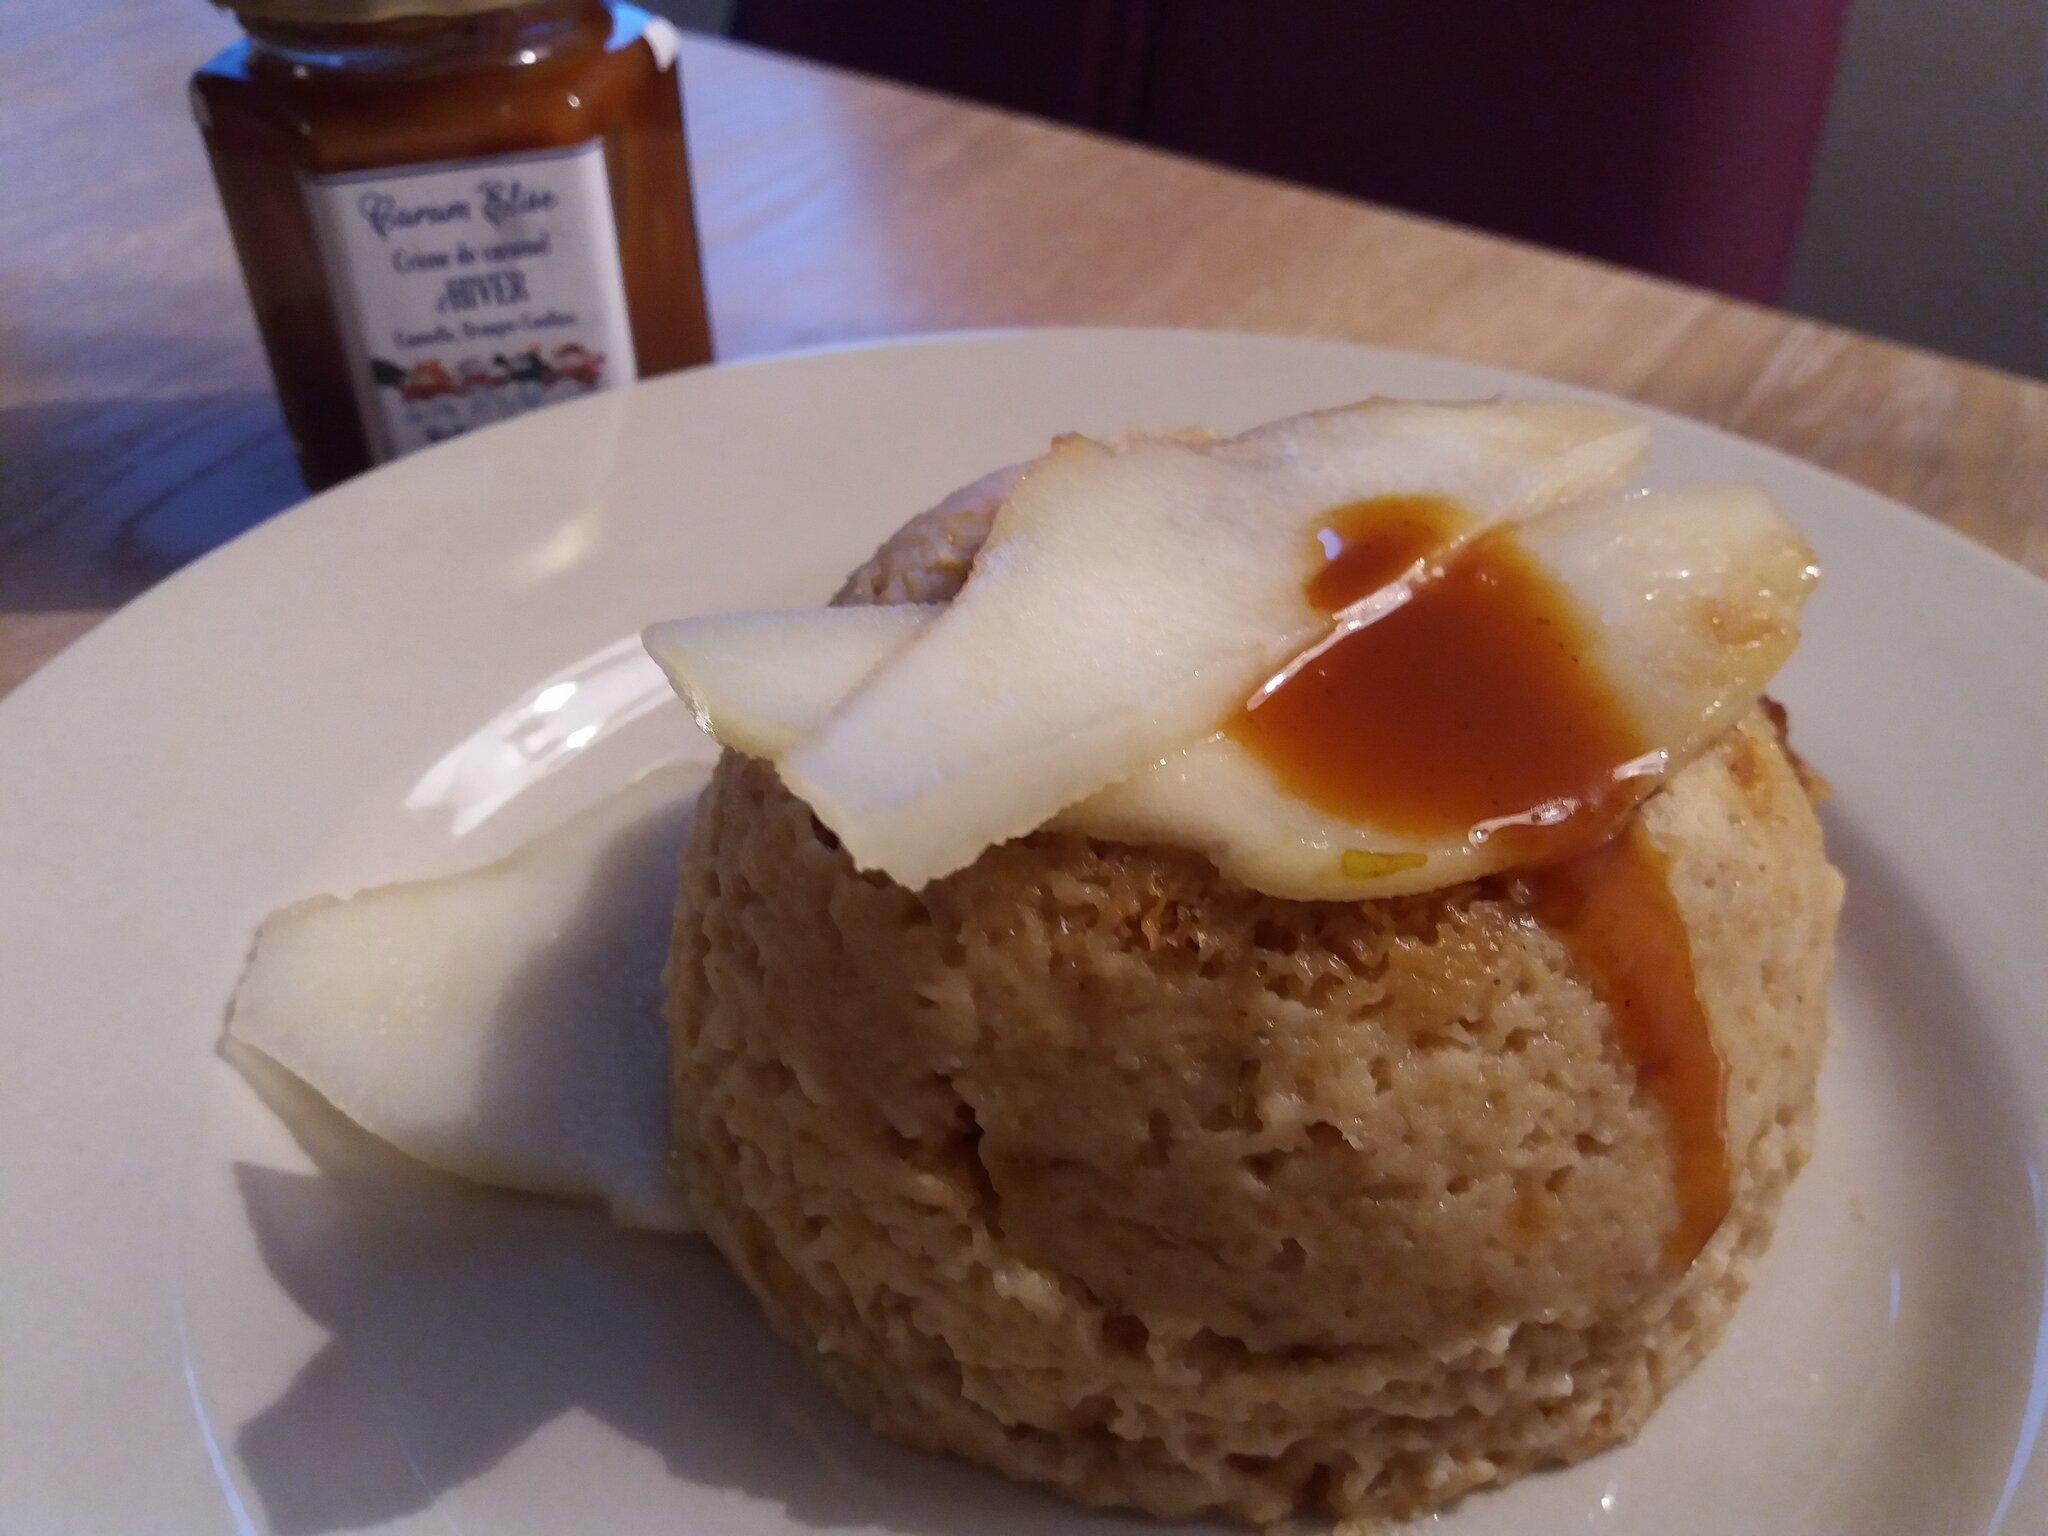 Bowlcake d'hiver gourmand à la poire et au caramel